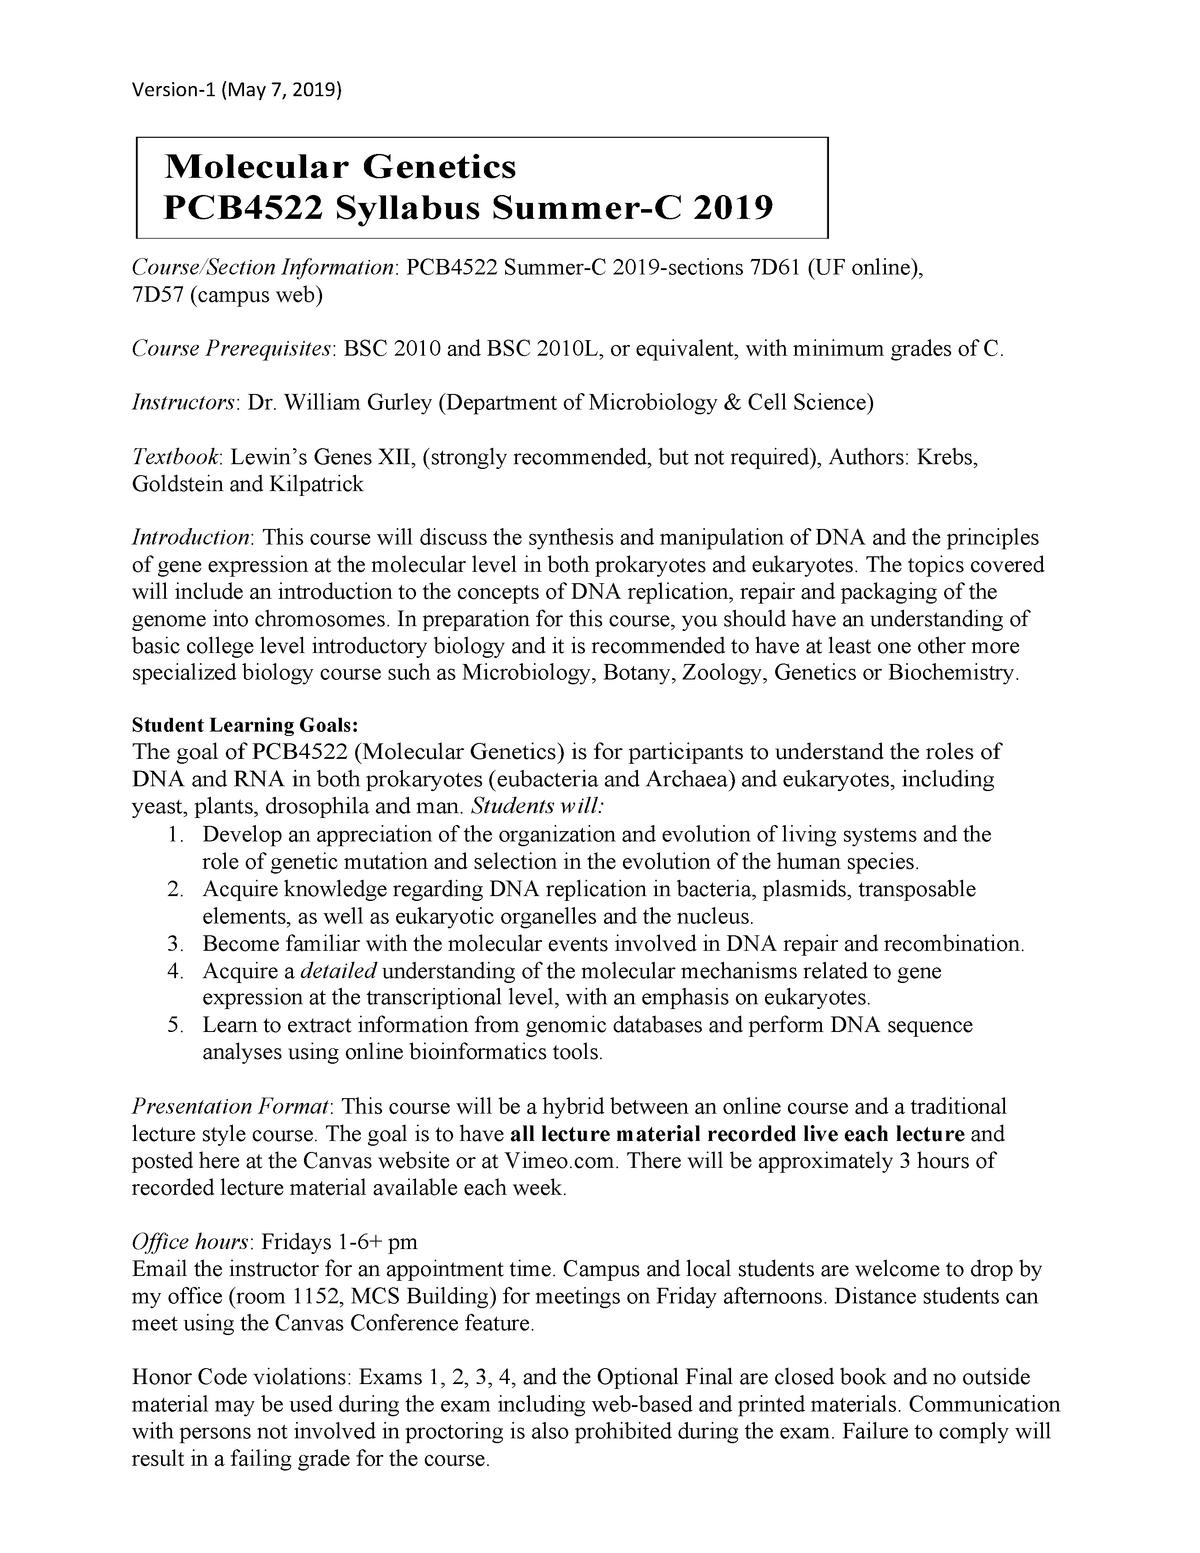 Pcb4522 Syllabus Summer C 2019 V1 Molecular Genetics Studocu